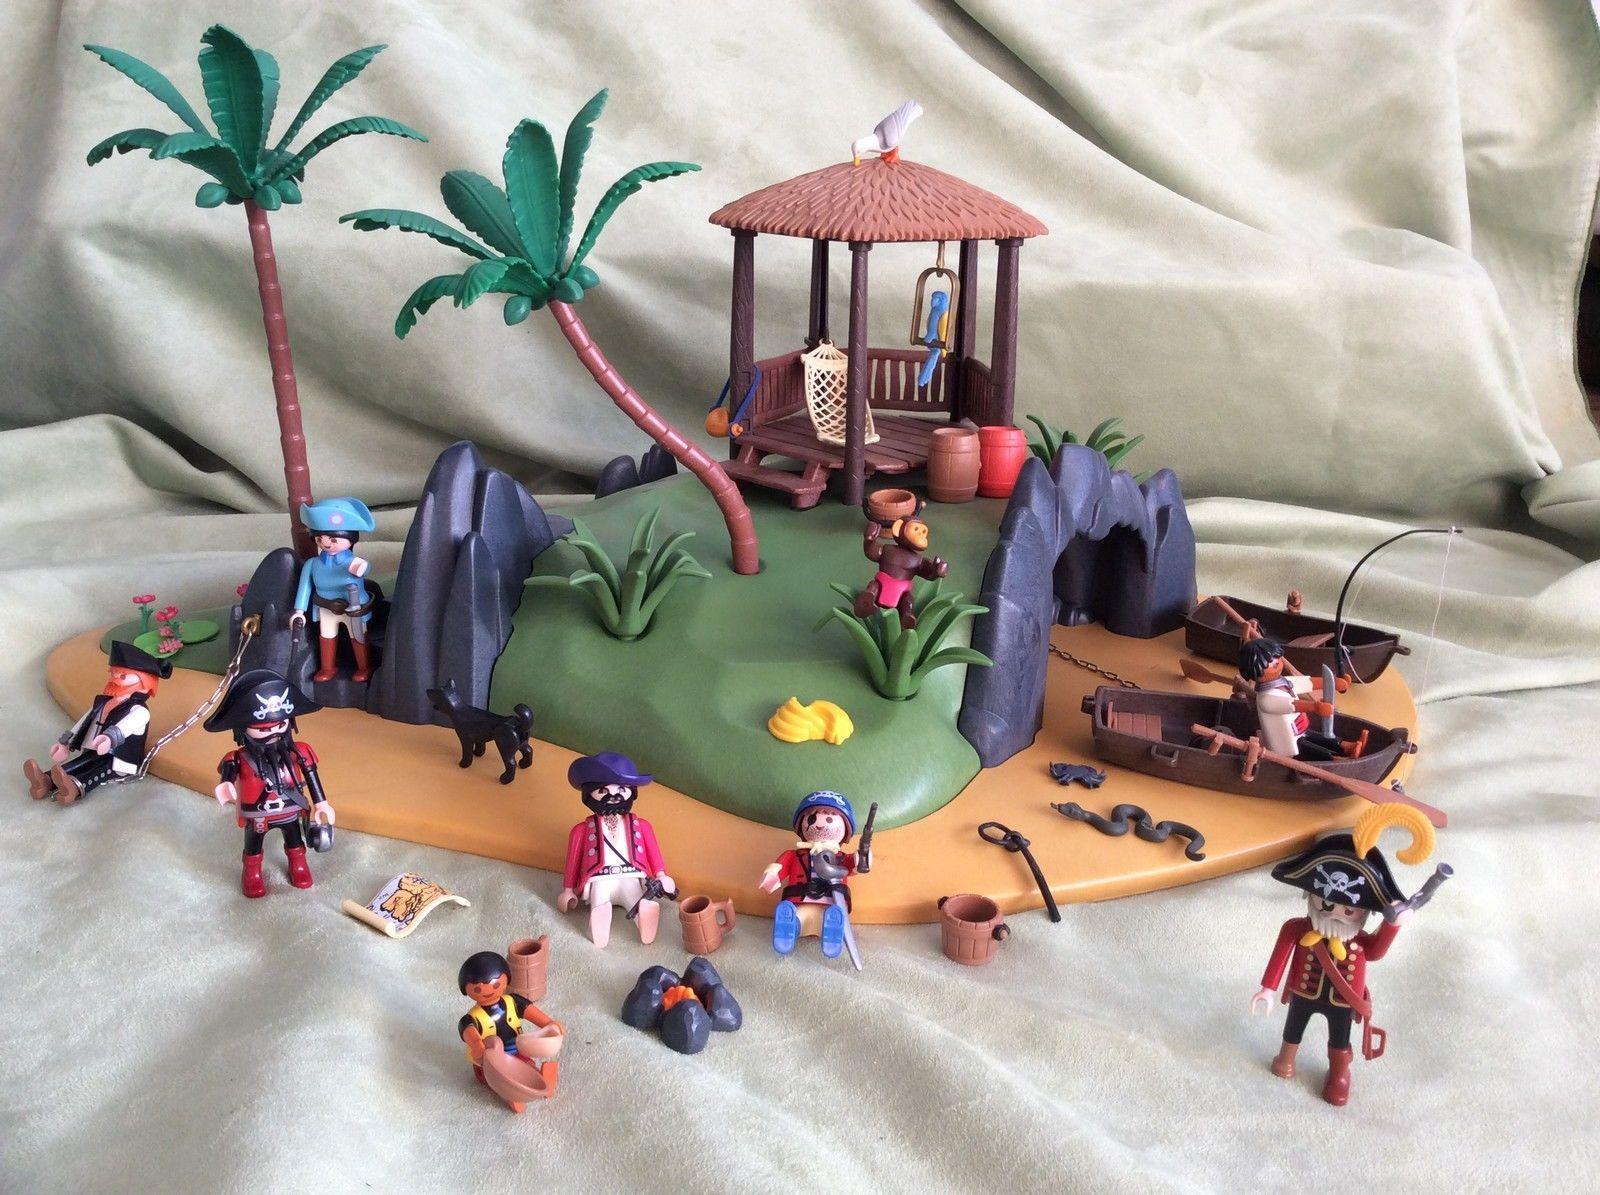 Playmobil Insel Piraten groß mit viel div. Zubehör   eBay ...